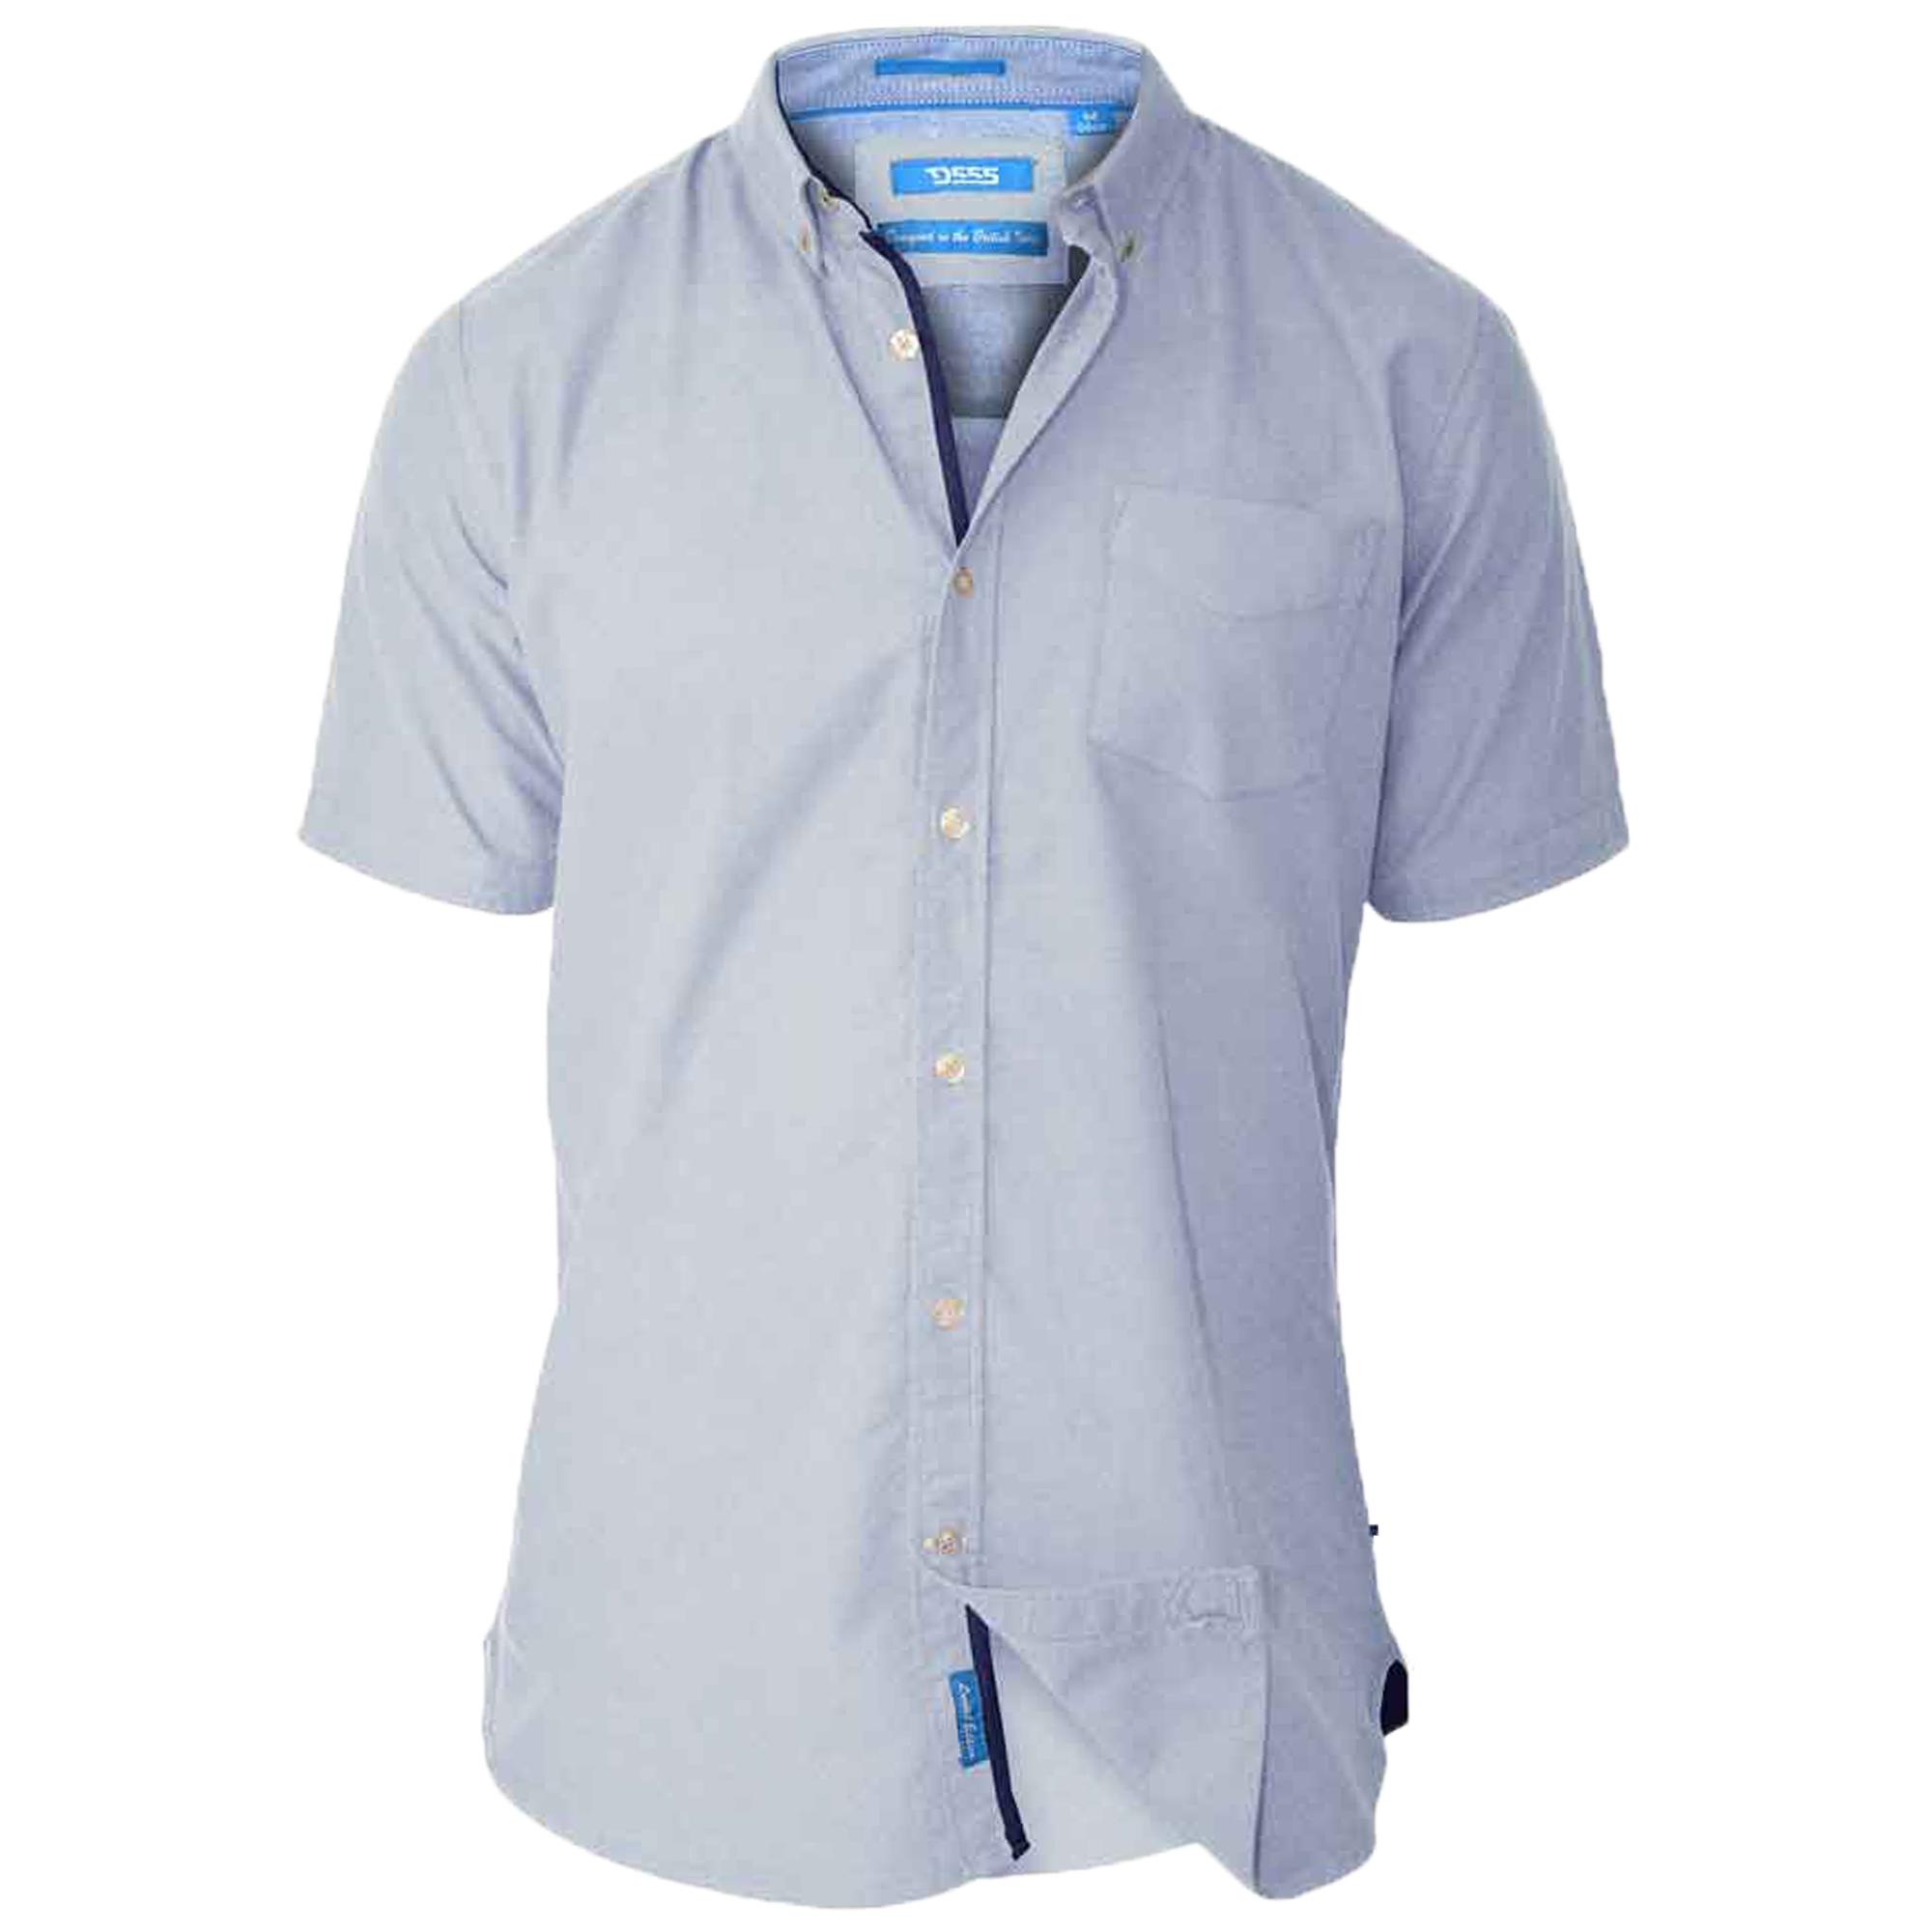 Mens-Cotton-Chambray-Shirt-D555-Duke-Short-Sleeved-Big-King-Size-Casual-Summer thumbnail 2